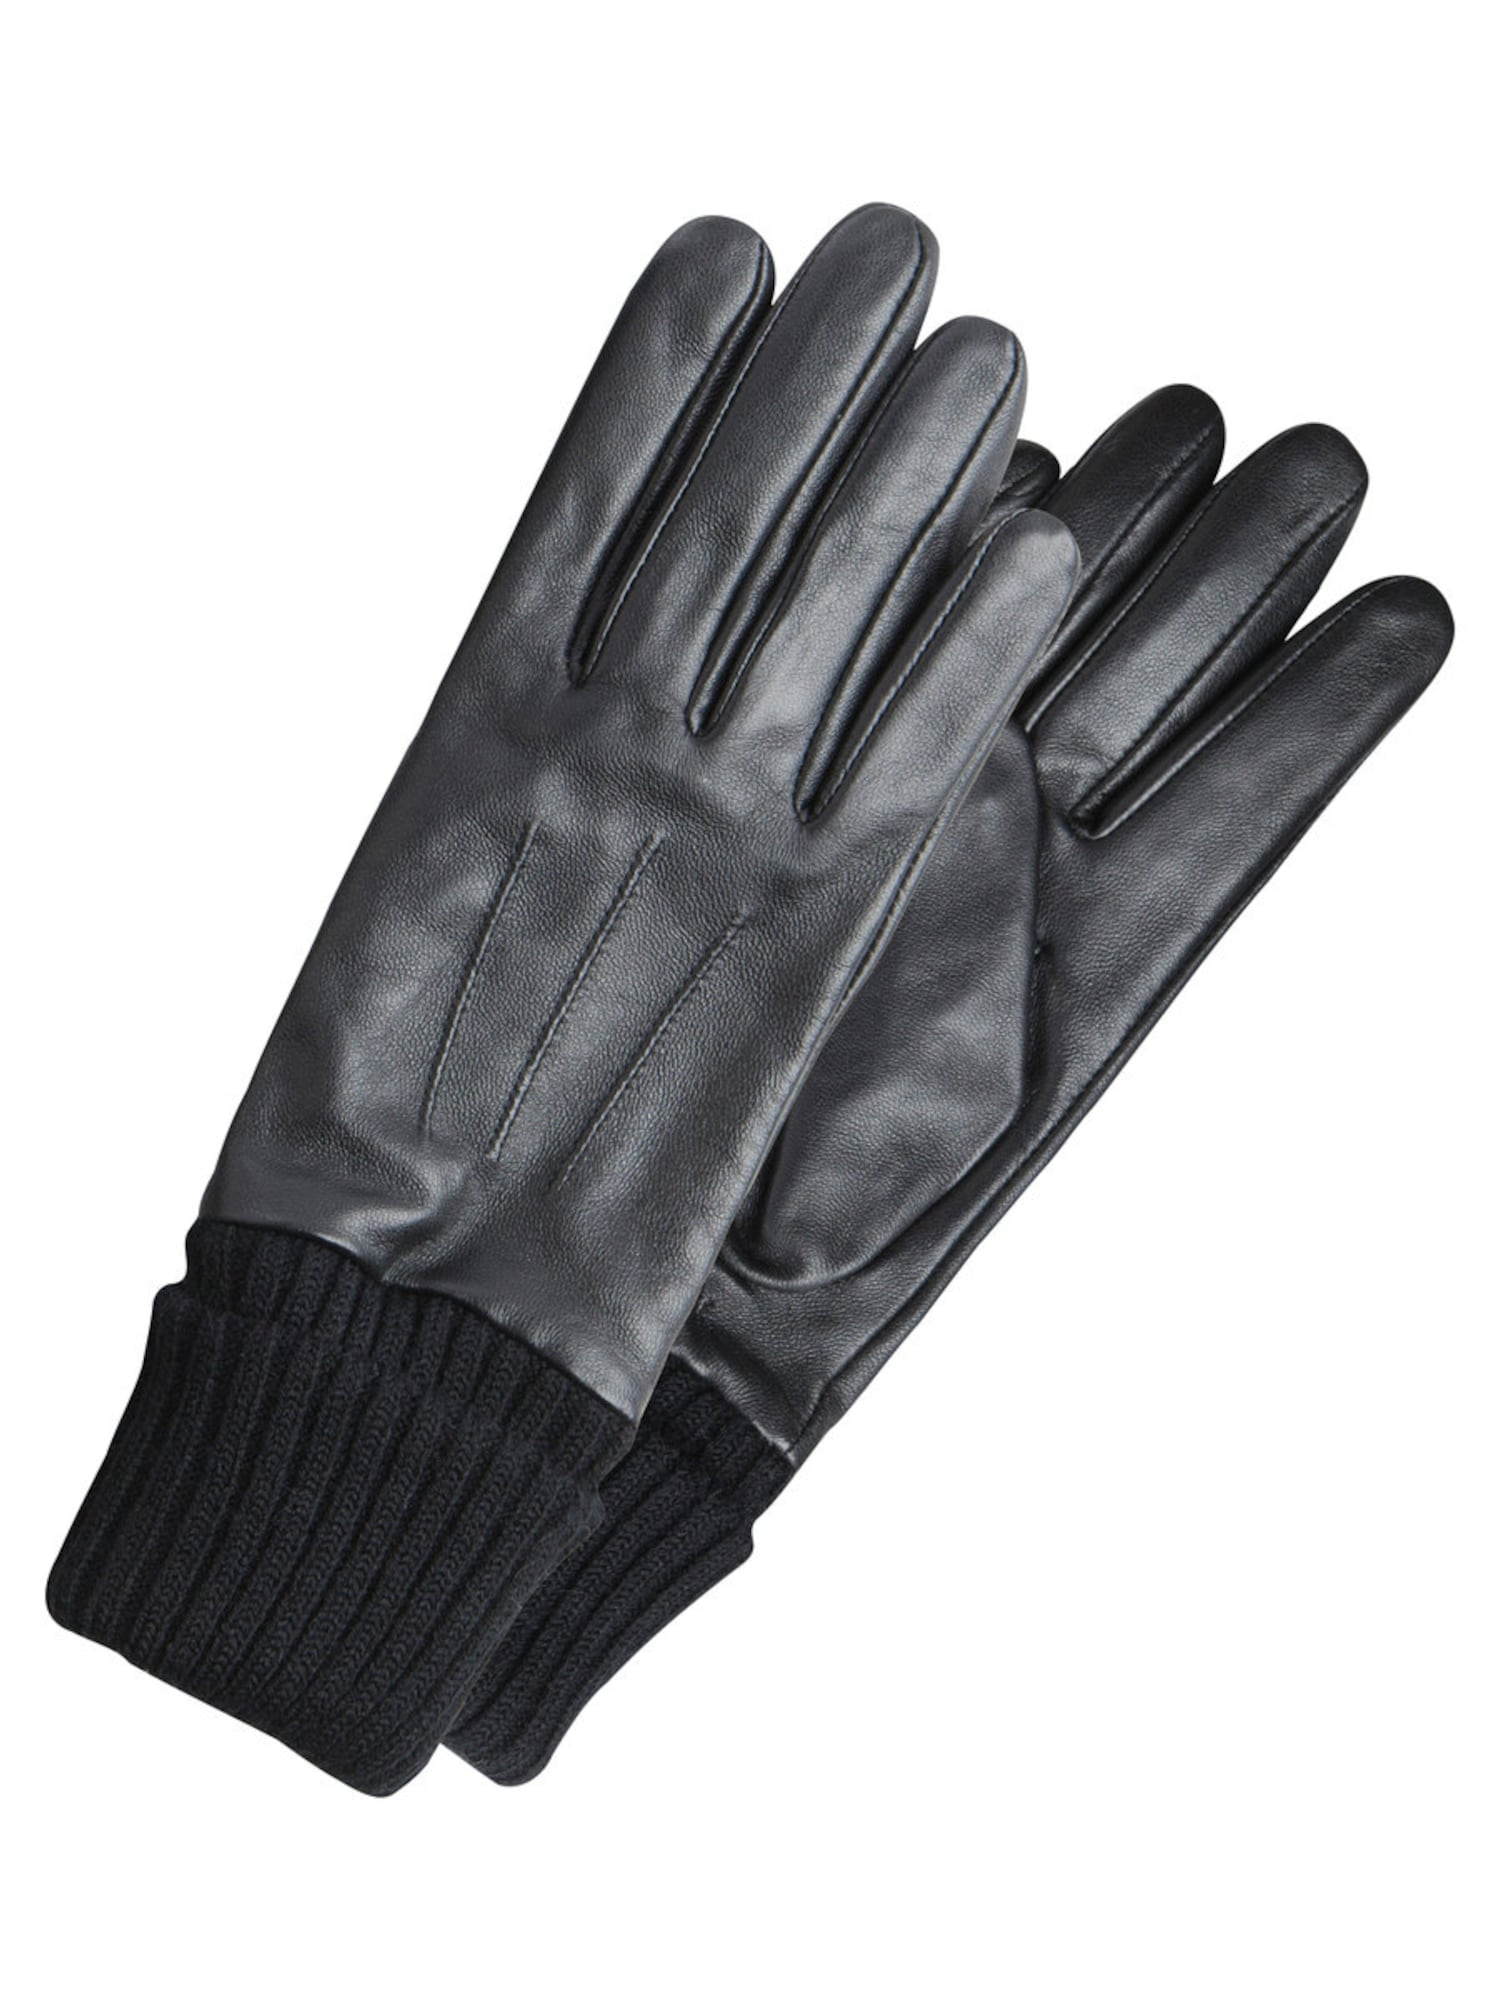 Lederhandschuhe | Accessoires > Handschuhe > Lederhandschuhe | Schwarz | PIECES